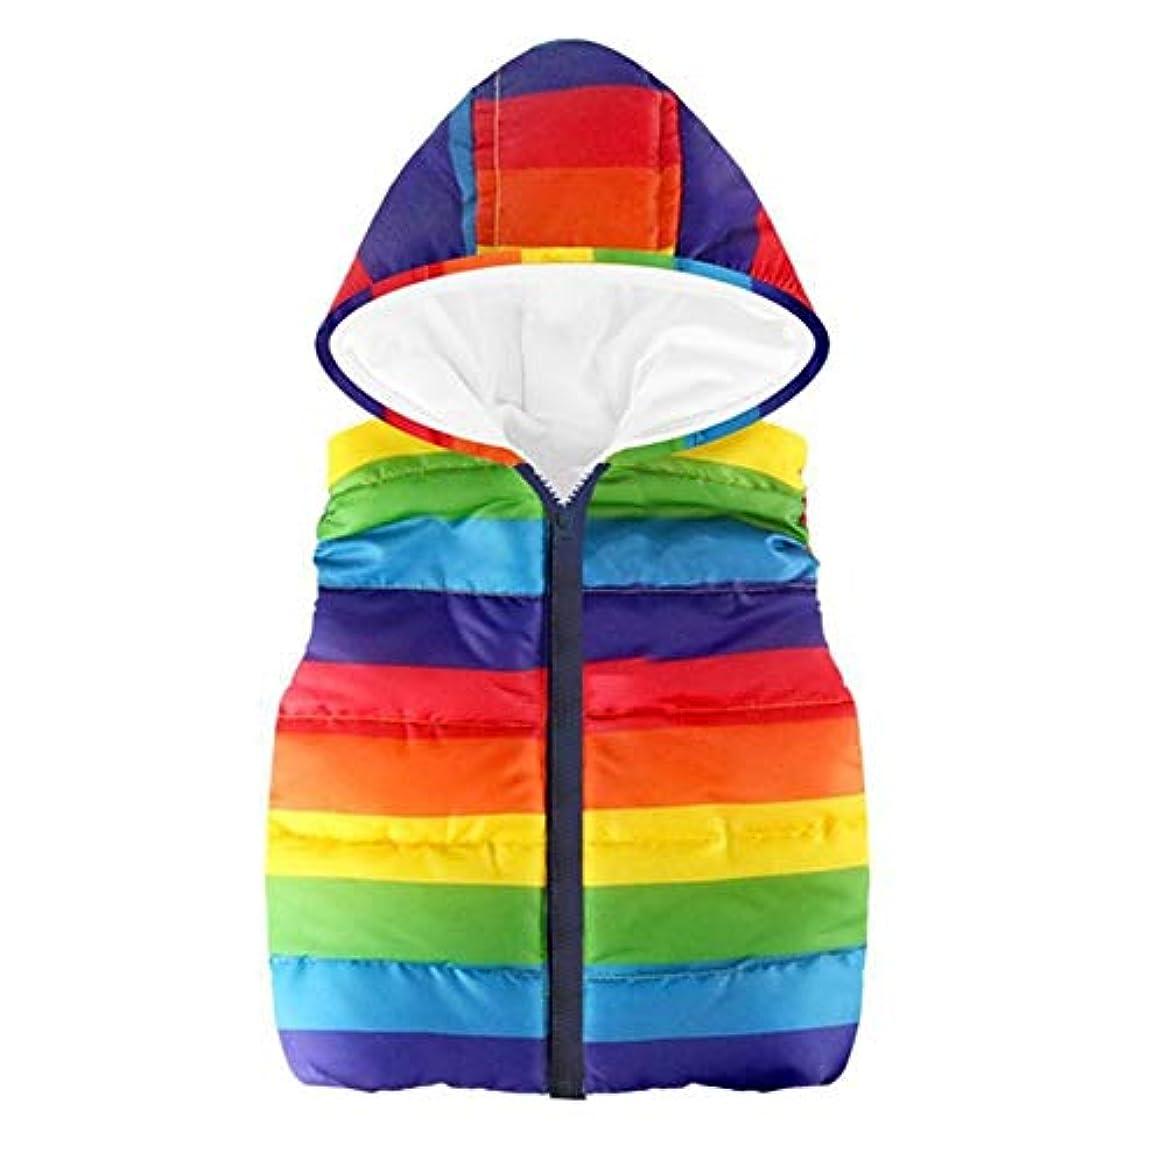 マリナー干し草フレアLYWENQINHG キッズベスト チョッキ 子供コート 袖なし フード付き 虹色 秋冬 お出かけ 保温 防風 防寒着 男の子 女の子 もこもこ